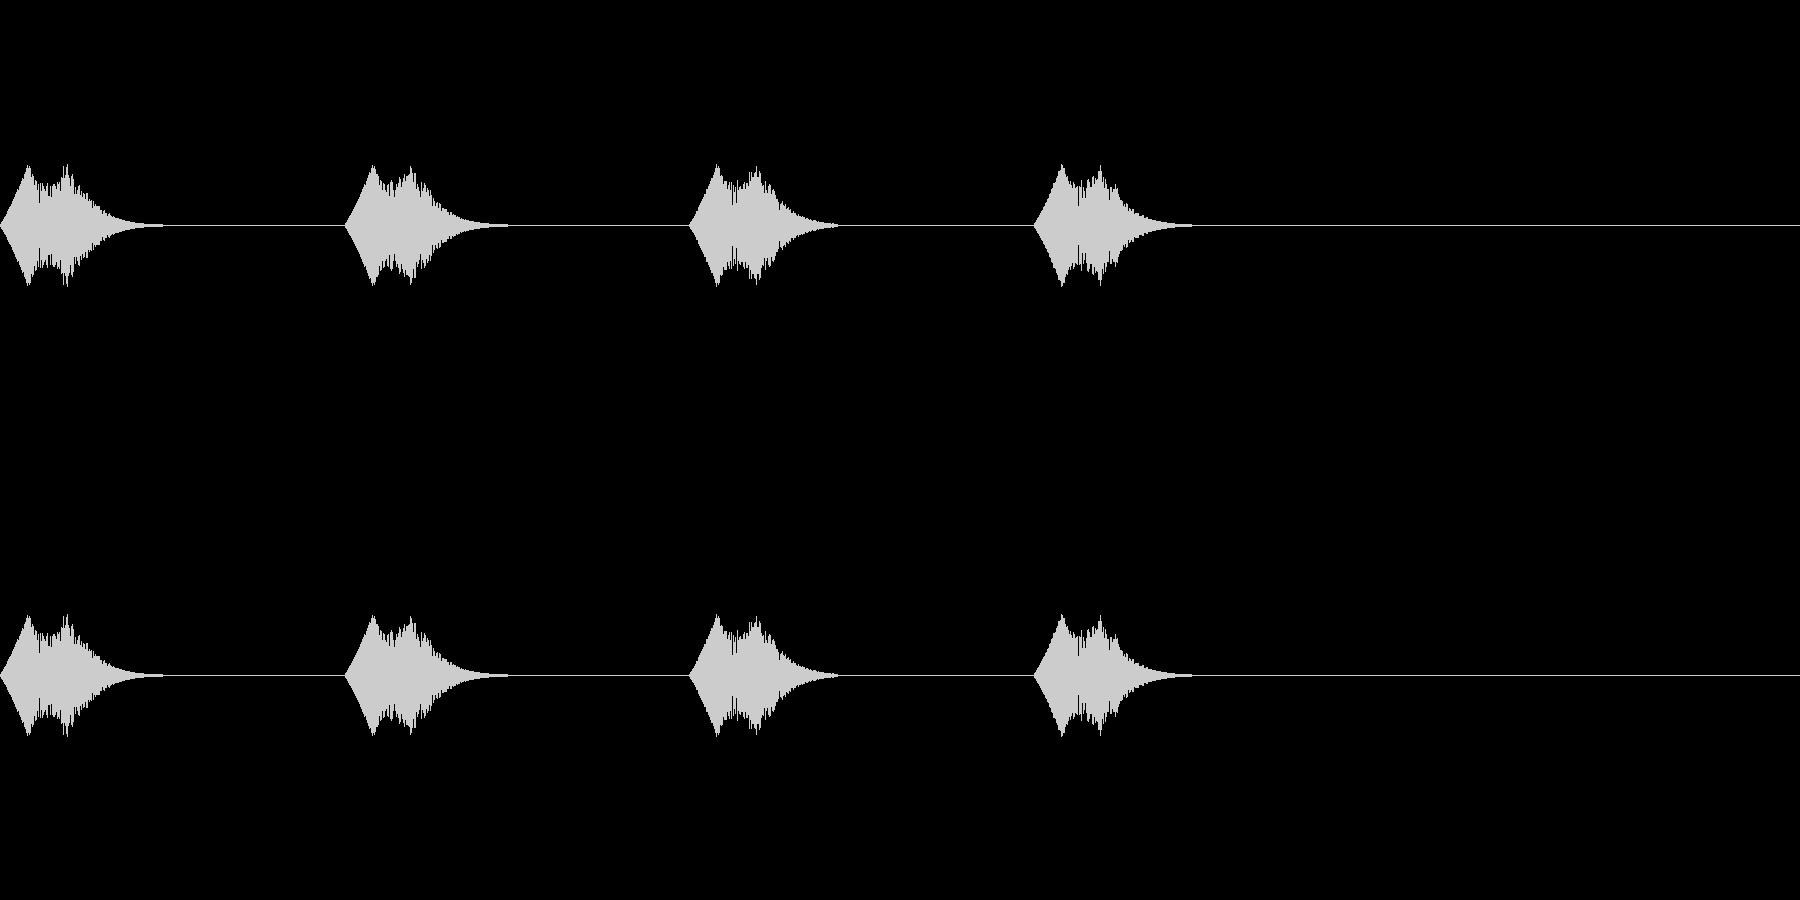 動物がぴょこぴょこ移動する時のかわいい音の未再生の波形